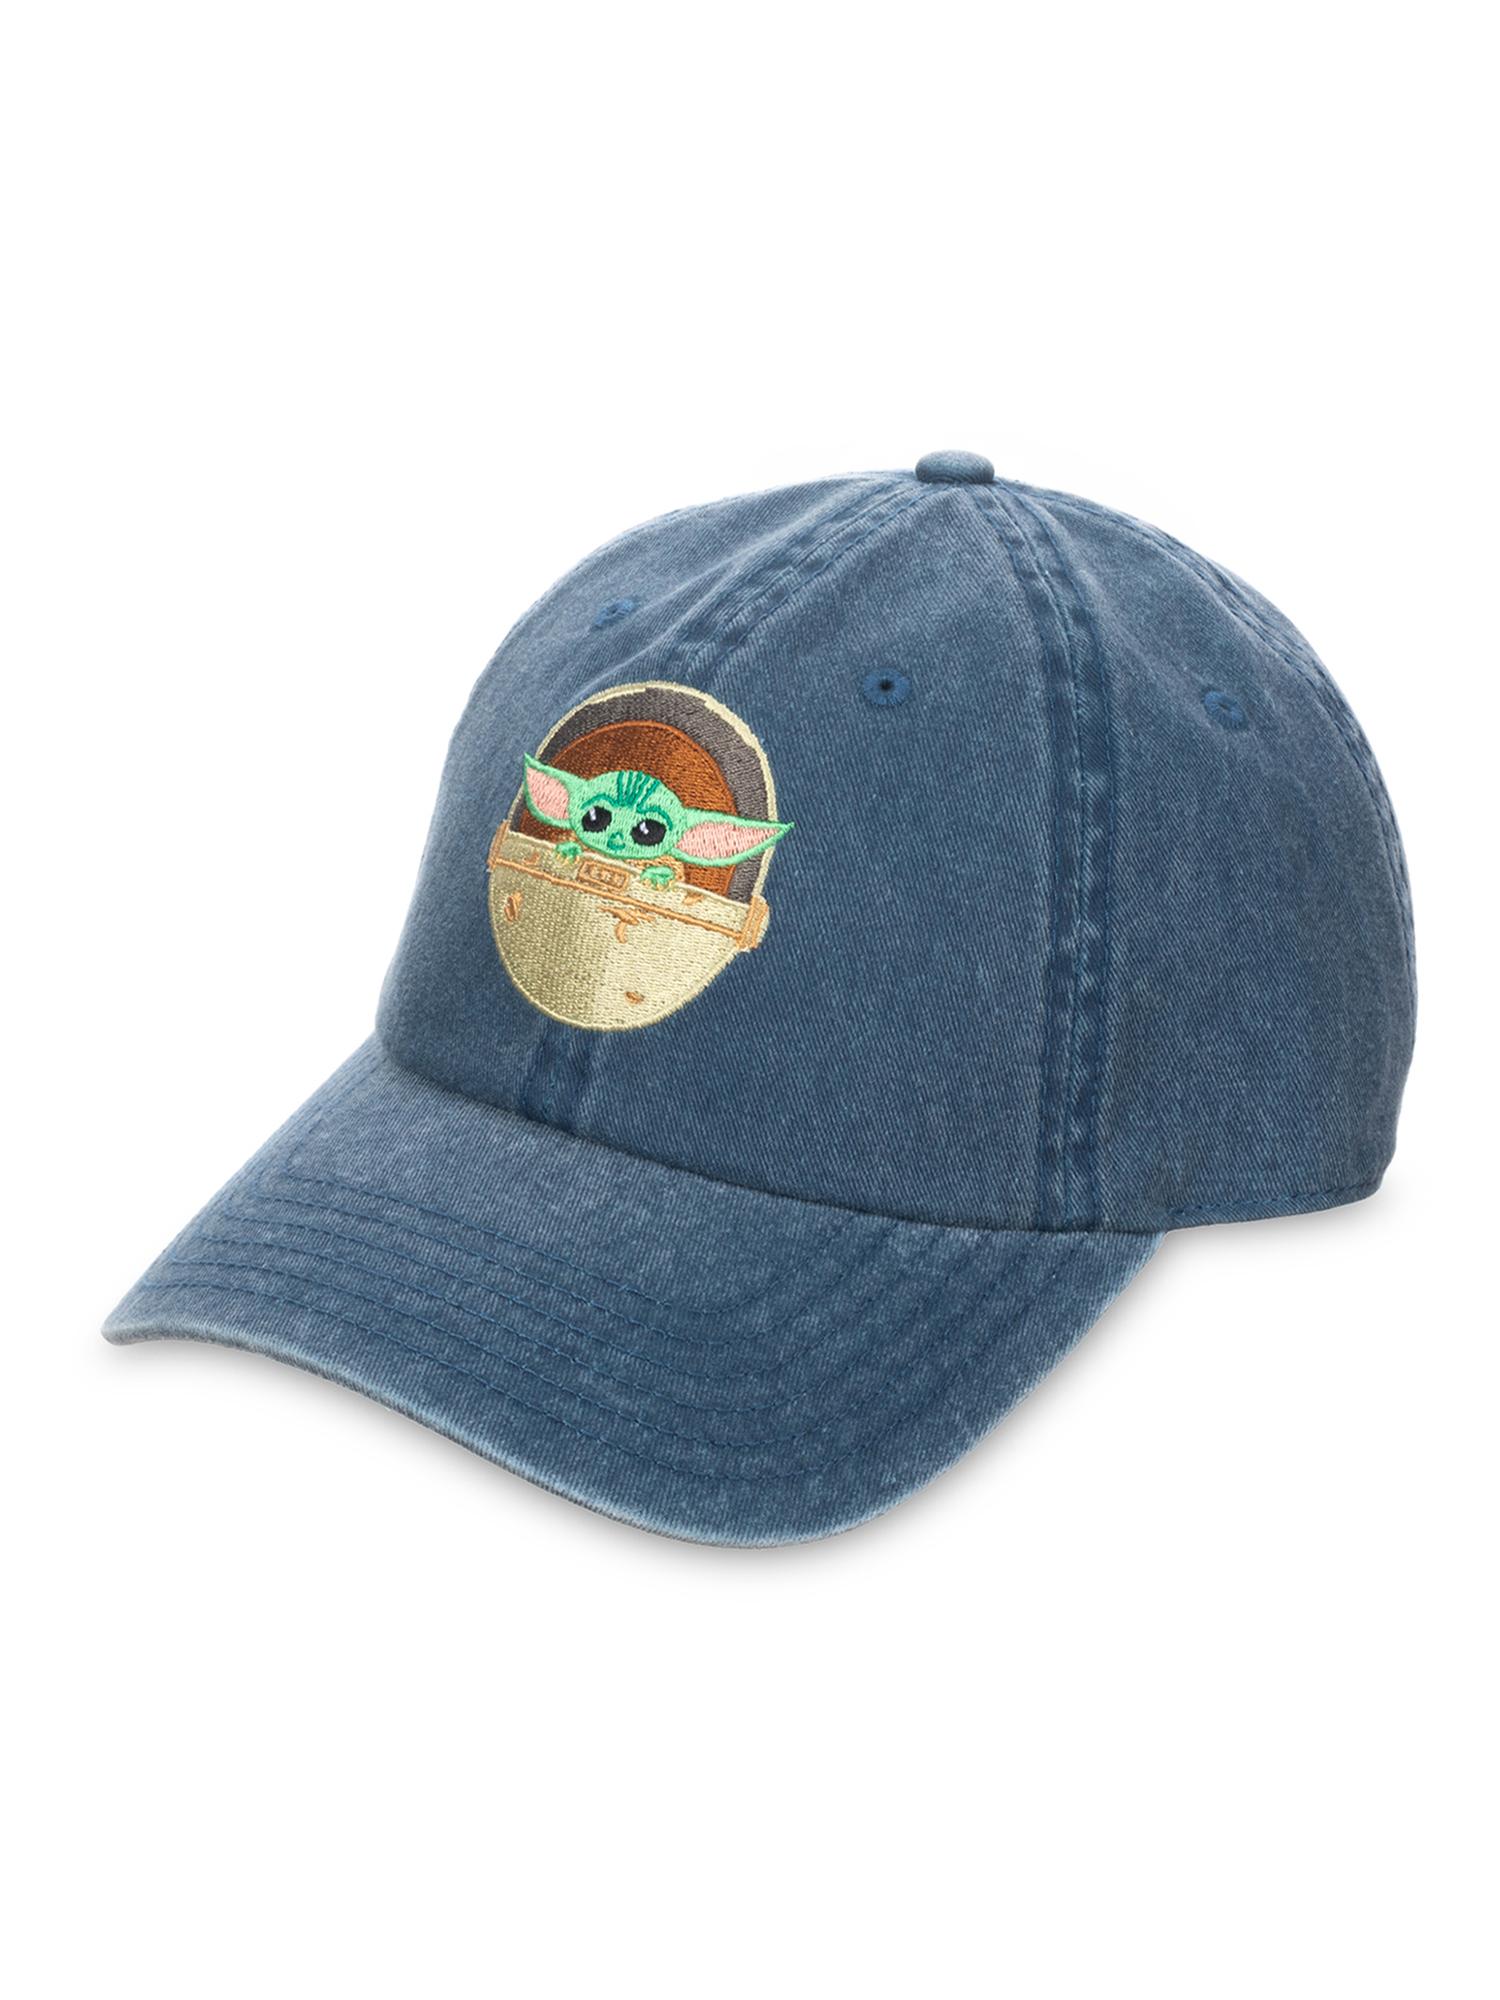 TM The Child Denim Hat 2